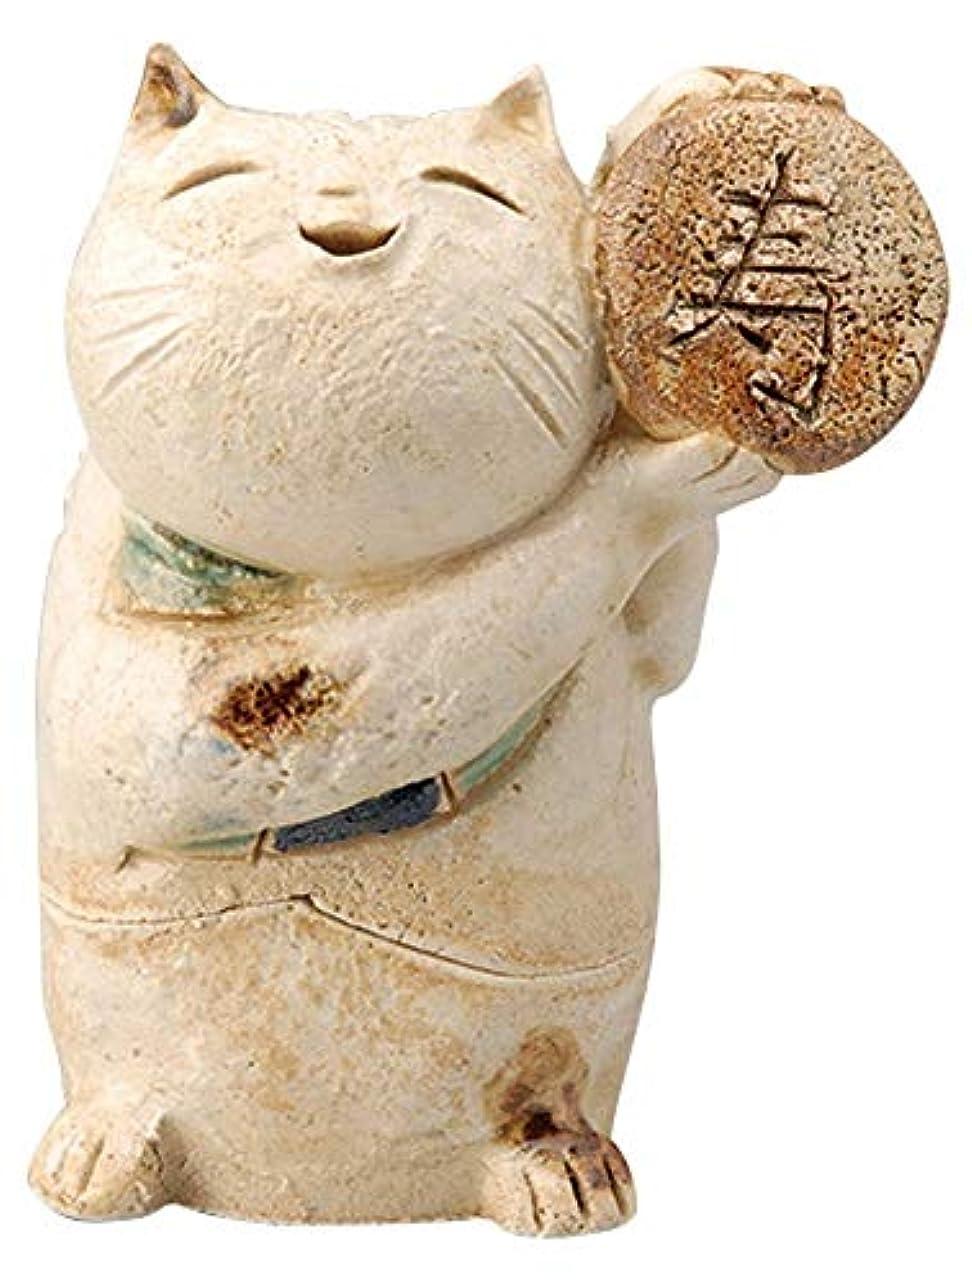 シャックル経済掘るごえん猫 香炉 (寿) [ H8cm ] 【 香炉 】 【 HANDMADE 置物 インテリア ギフト プレゼント 】